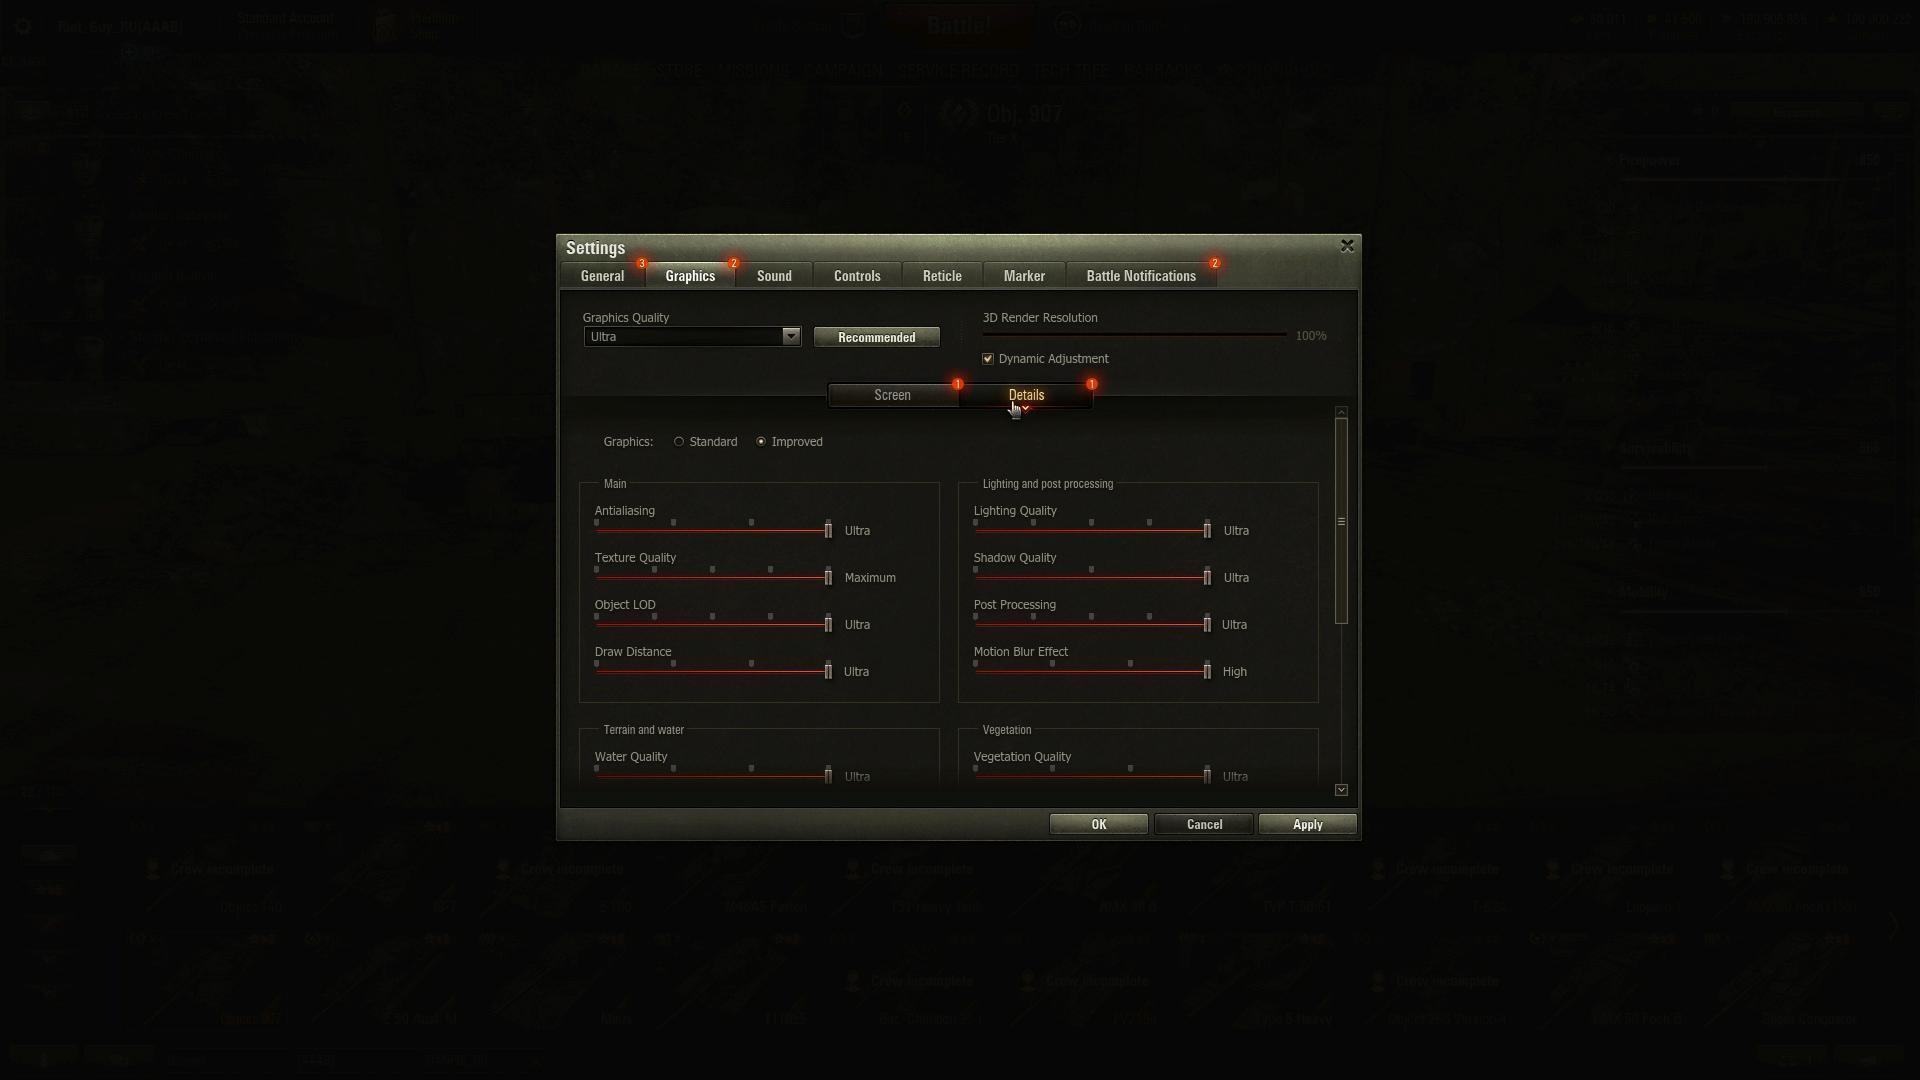 Llegó la actualización 1.0 | Anuncios | World of Tanks